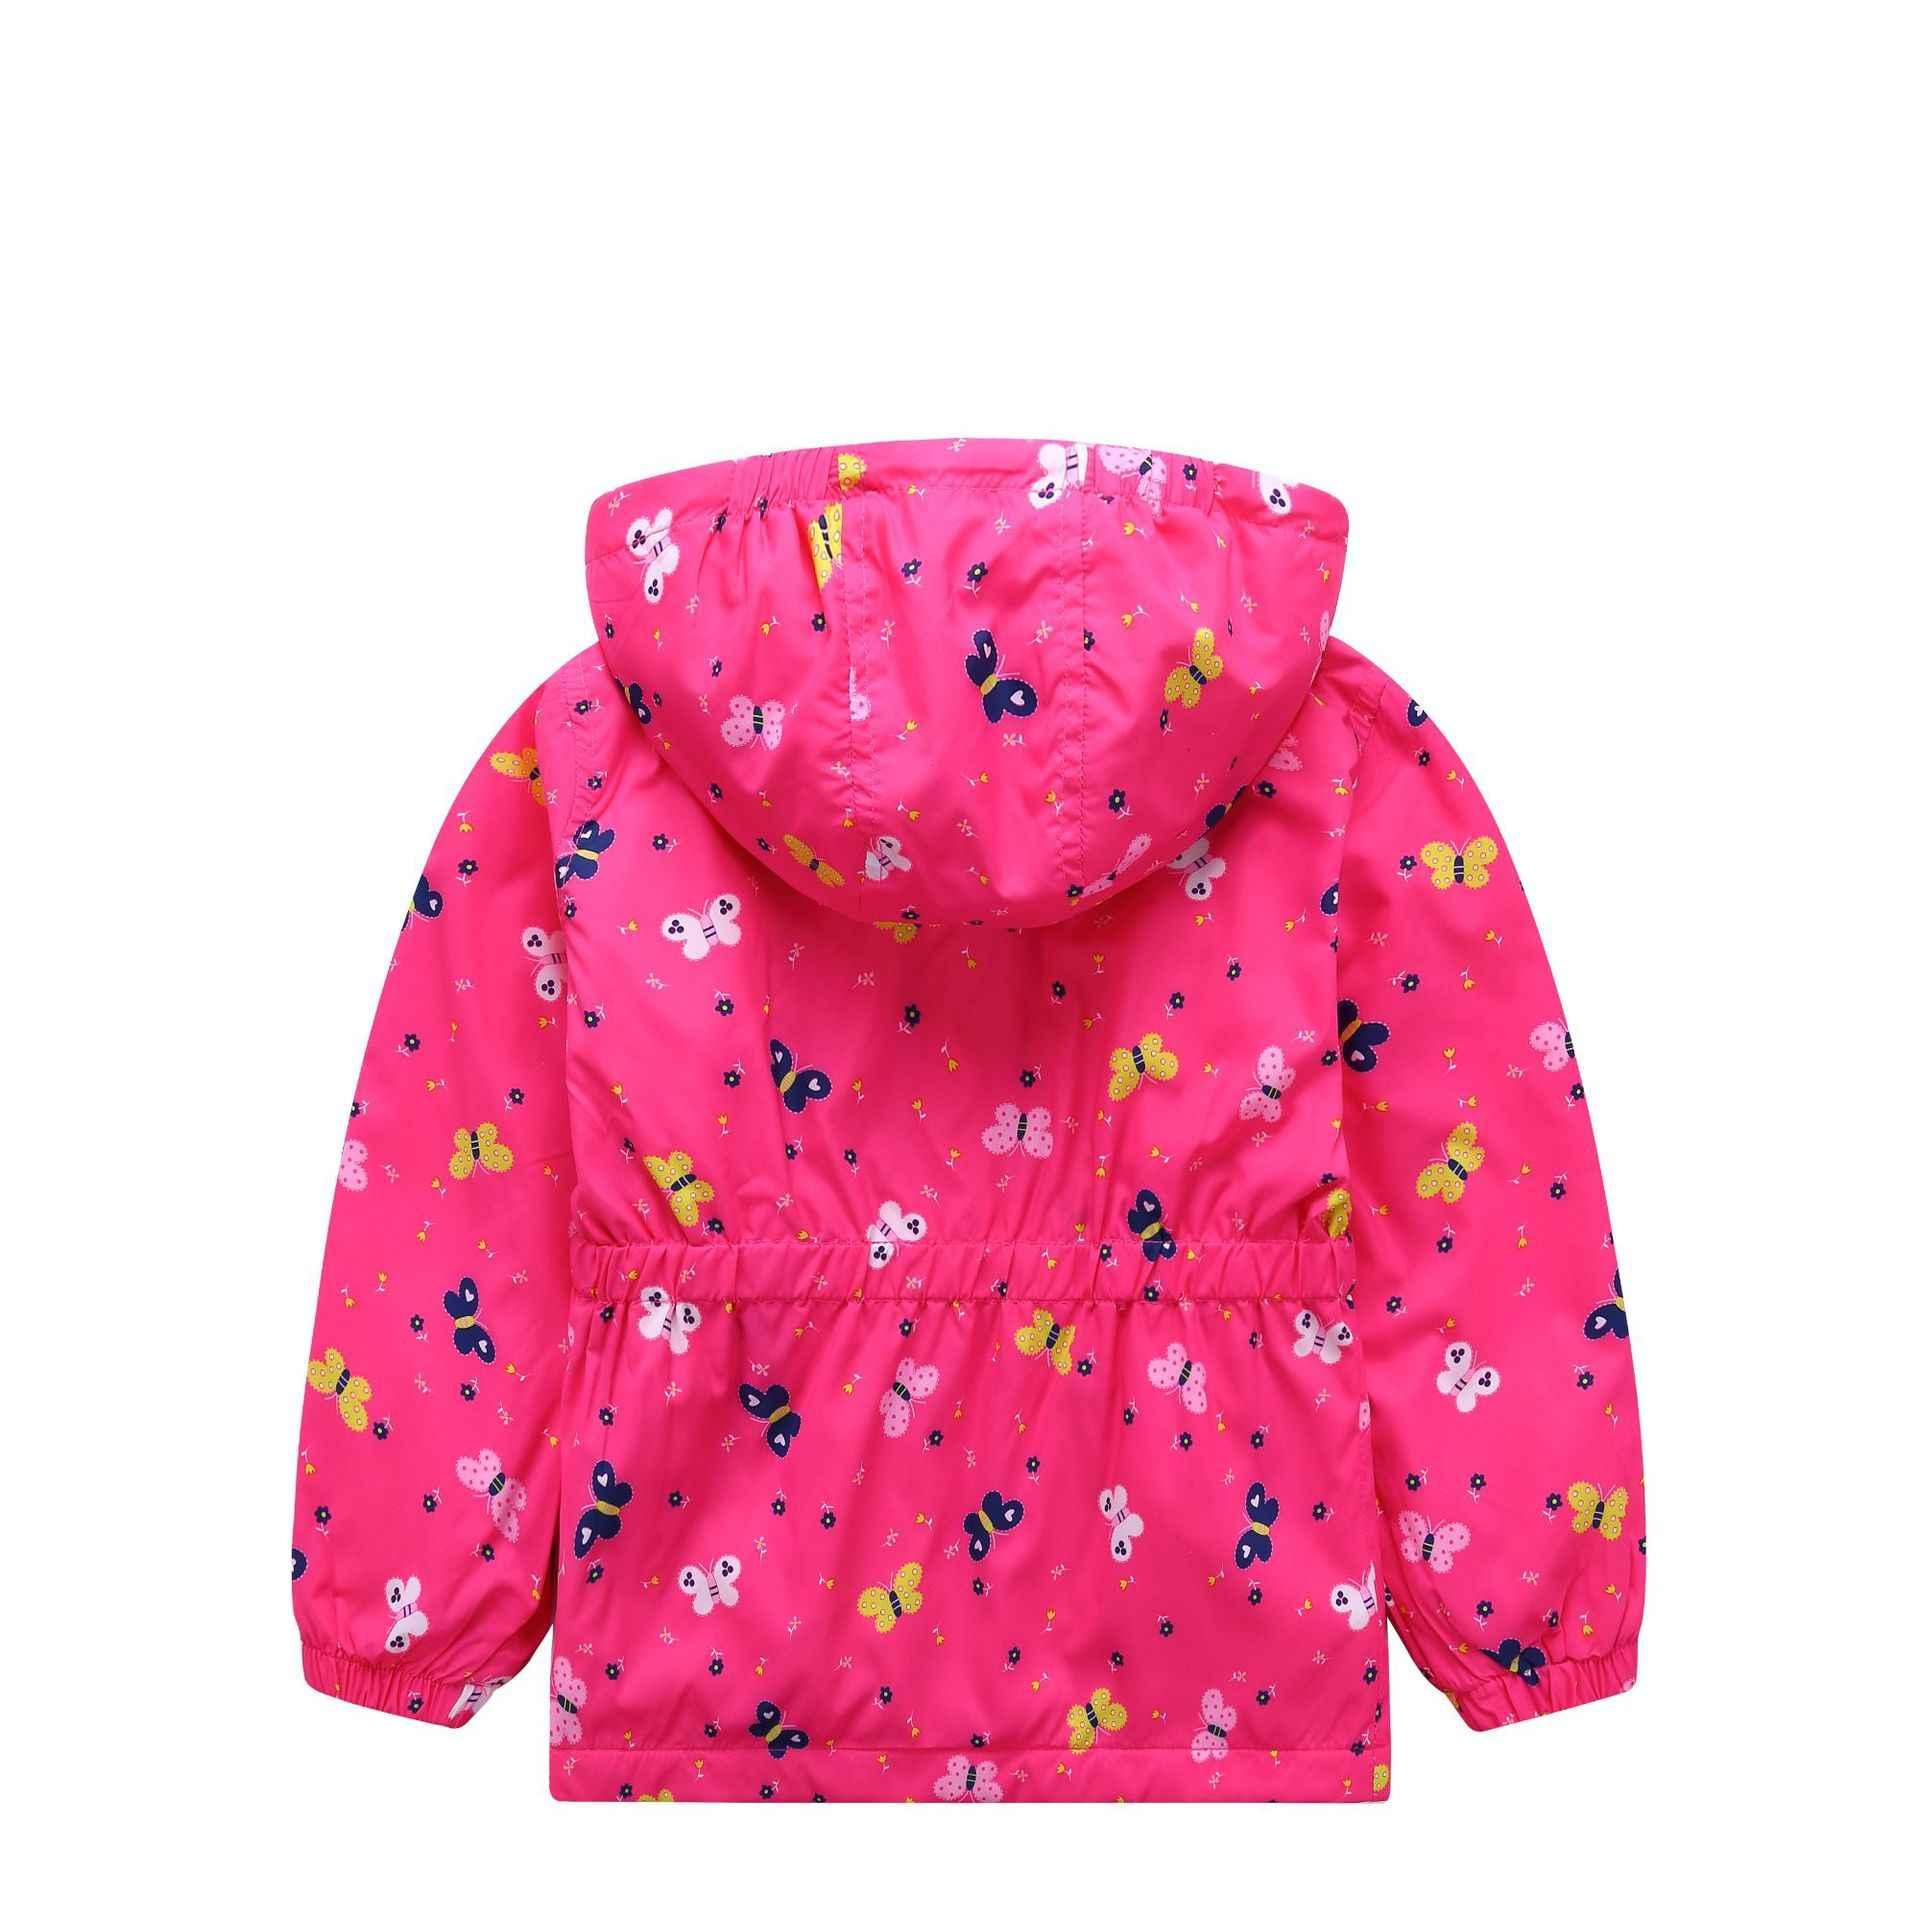 Hssczl для девочек куртка бабочка 2019 Весенняя Новинка для девочек, ветрозащитная и водонепроницаемая куртка с капюшоном детские пальто куртка для детей, мальчишеские костюмы для выступлений, ветровка с зауженной талией